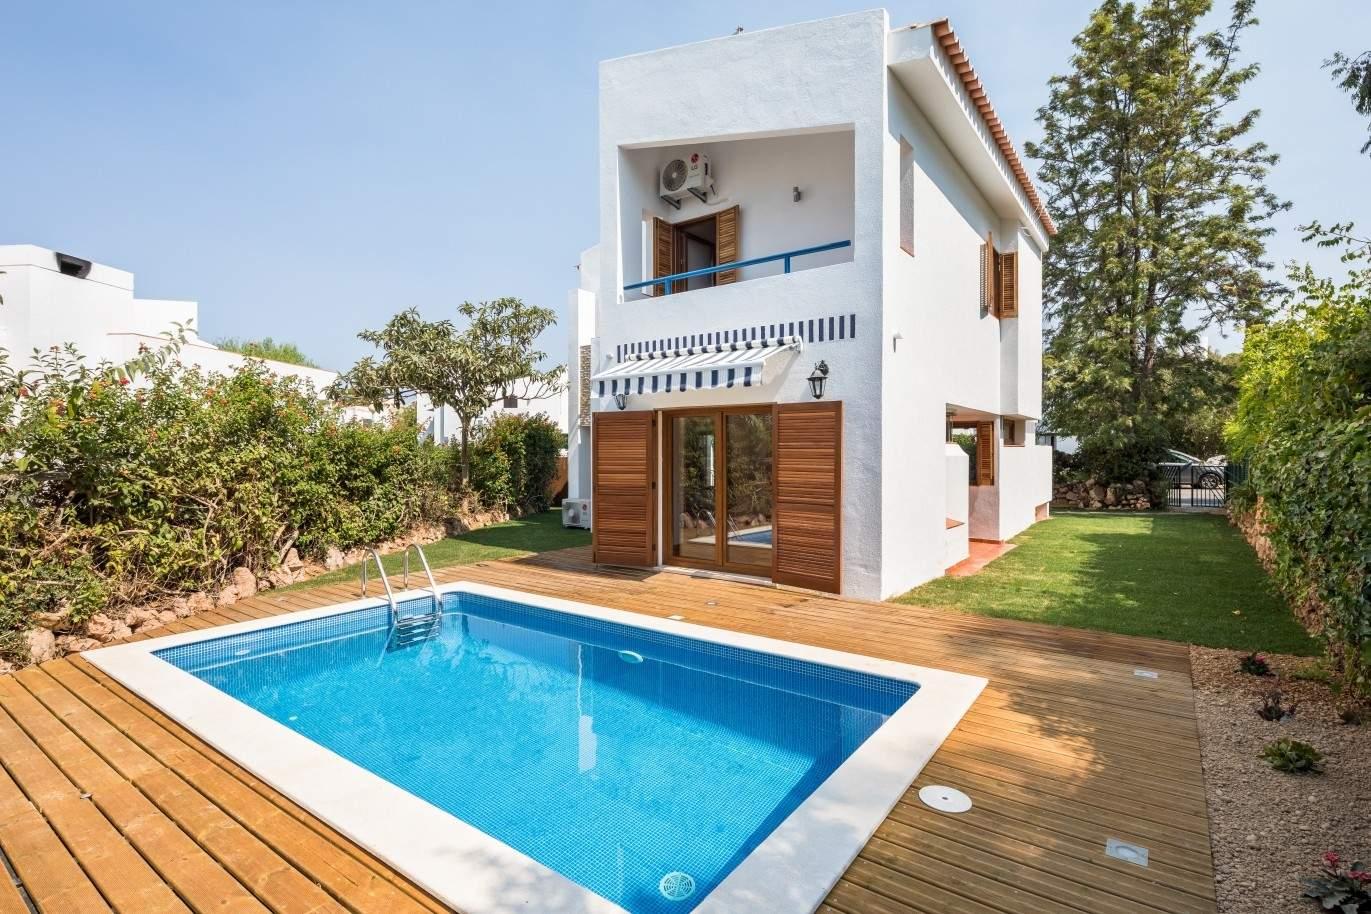 moradia-com-terraco-jardim-e-piscina-vilamoura-algarve-portugal